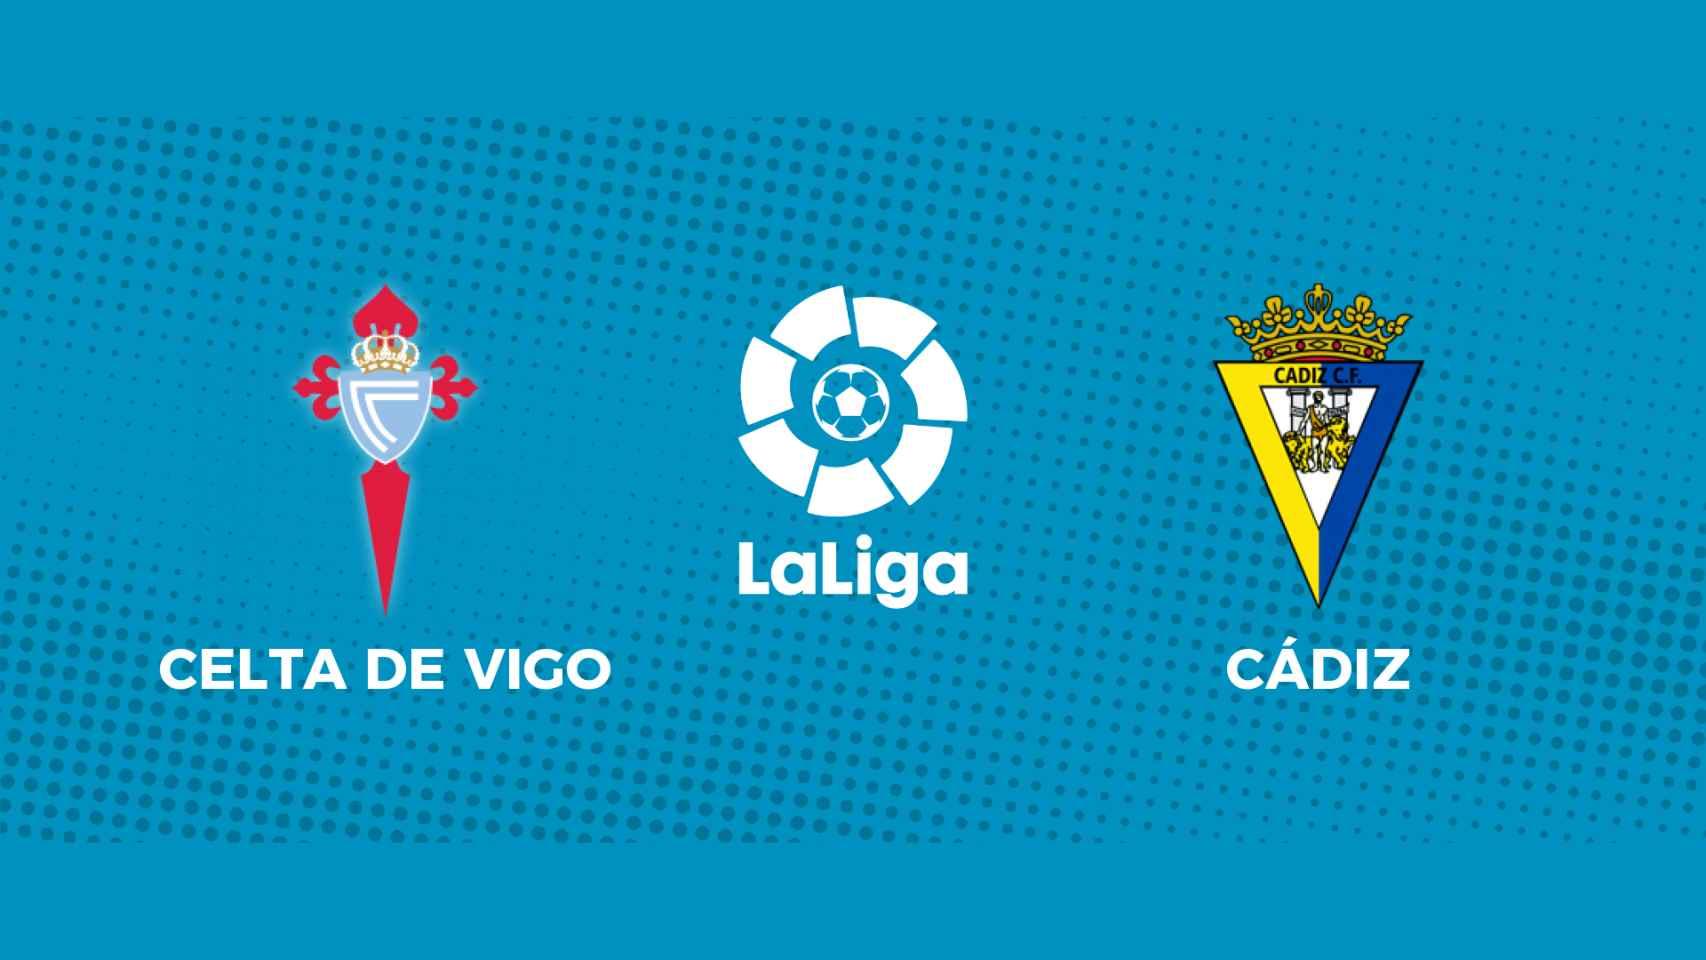 Celta de Vigo - Cádiz: siga en directo el partido de La Liga